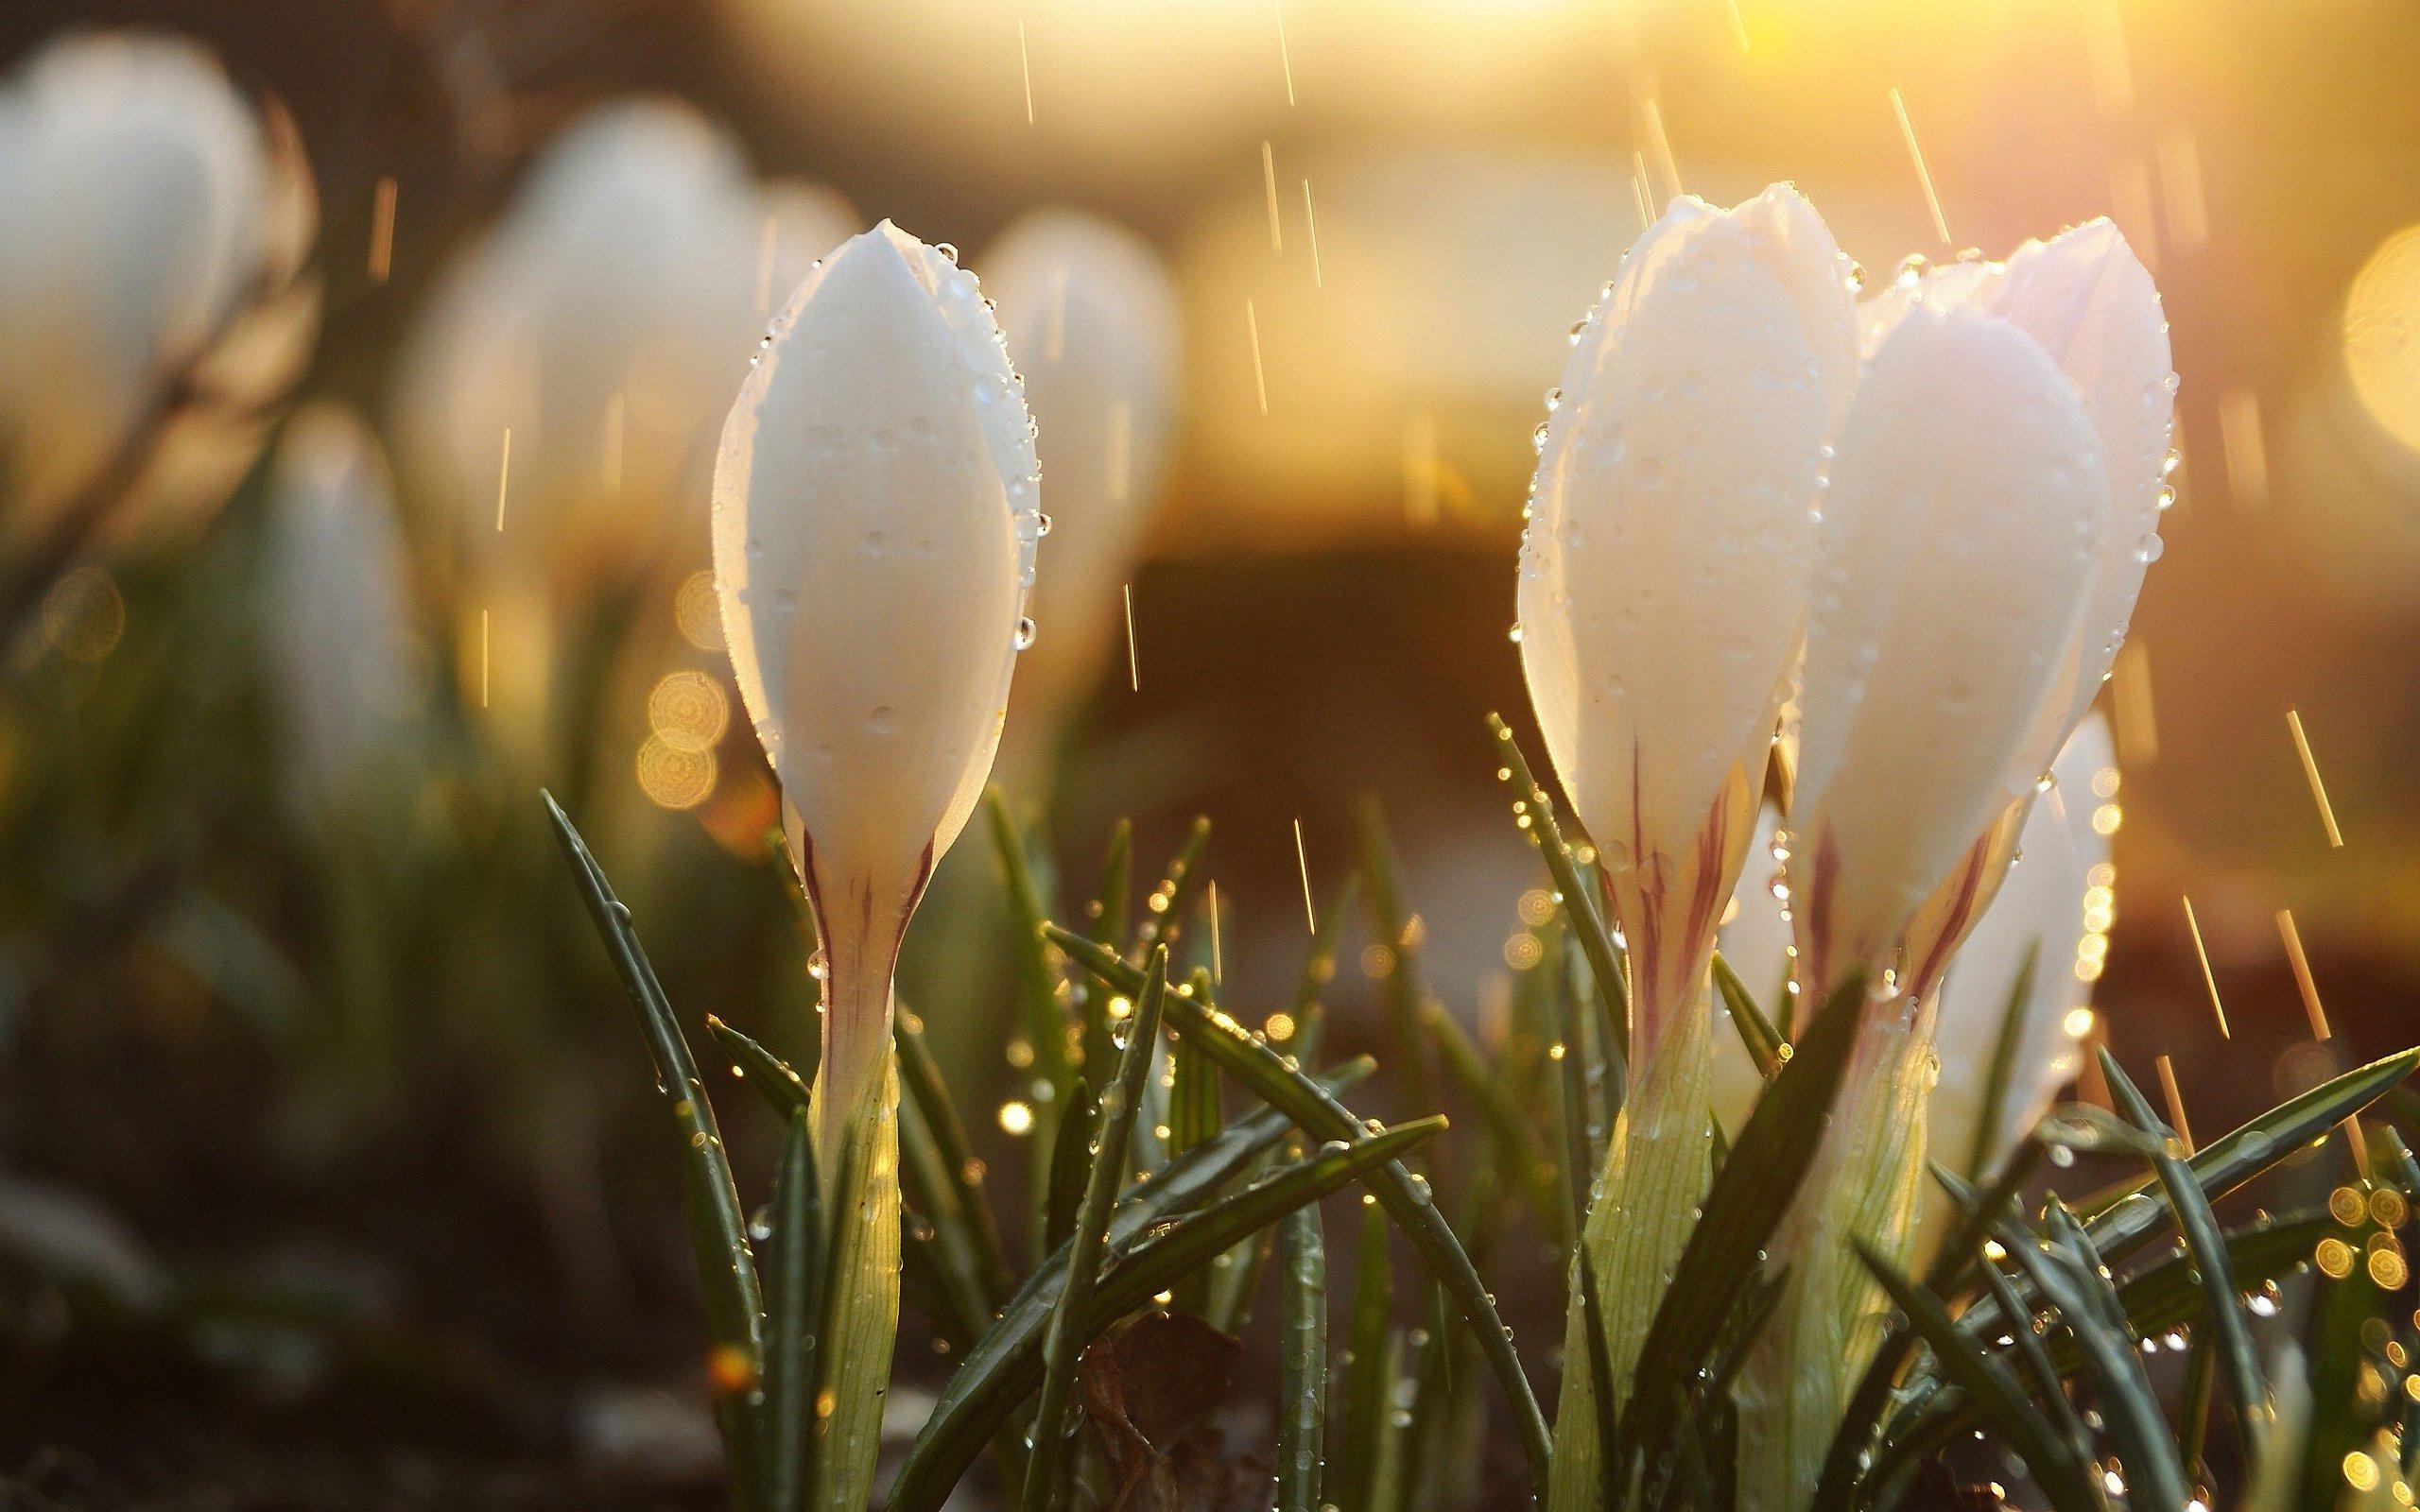 весна, подснежники, обои HD, капли, цветы, бутоны